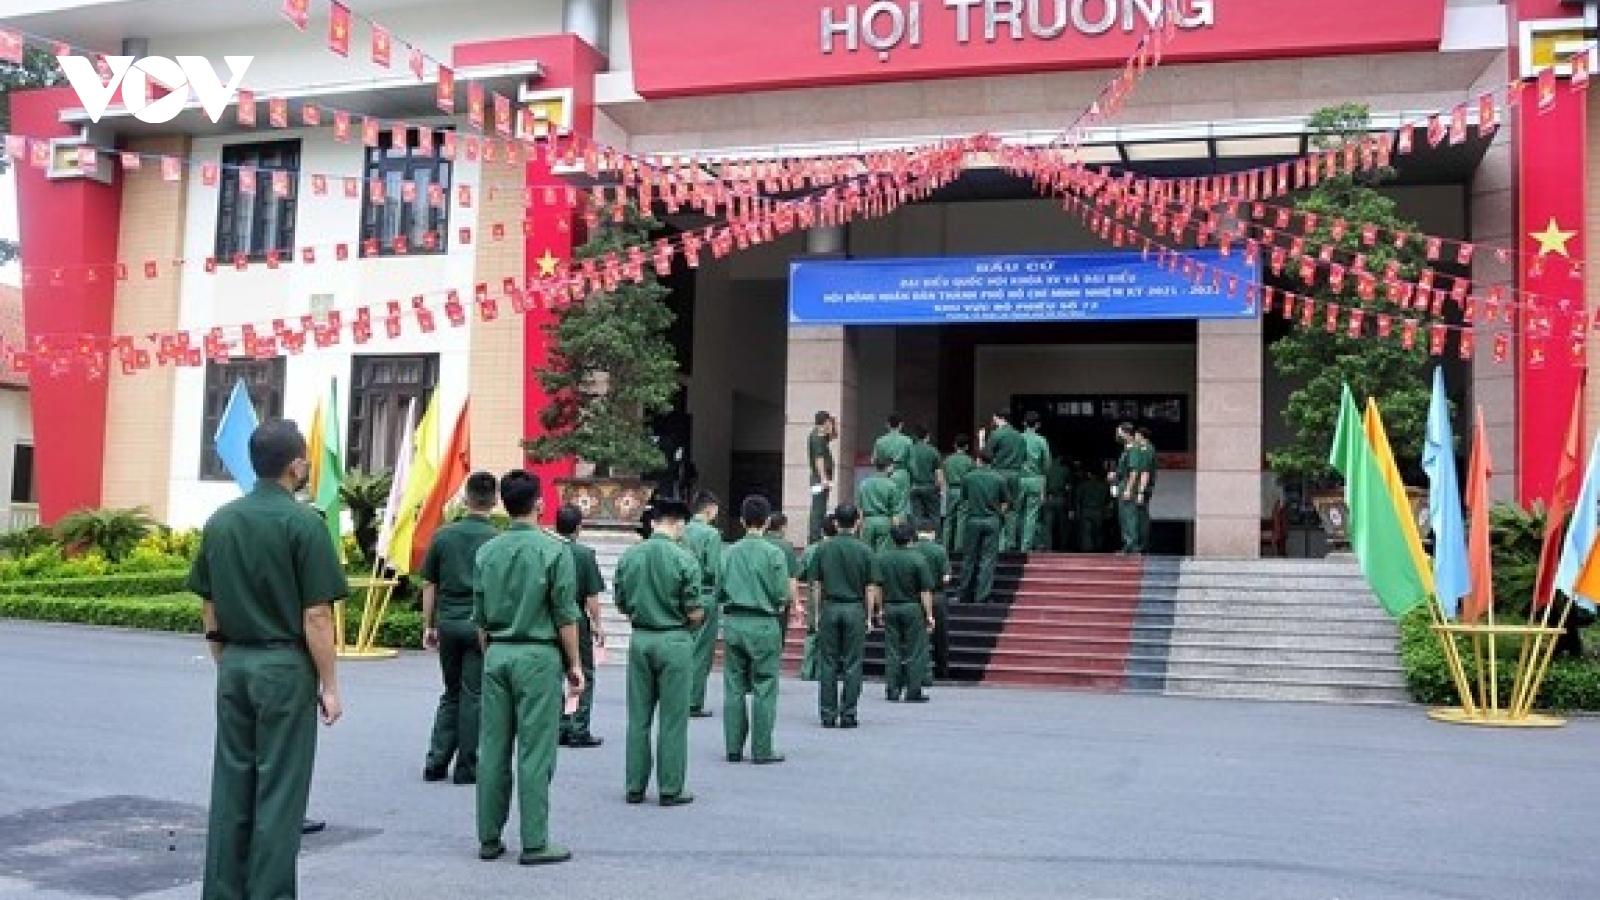 Bộ trưởng Quốc phòng cùng cán bộ, chiến sĩ các đơn vị quân đội thực hiện nghĩa vụ công dân